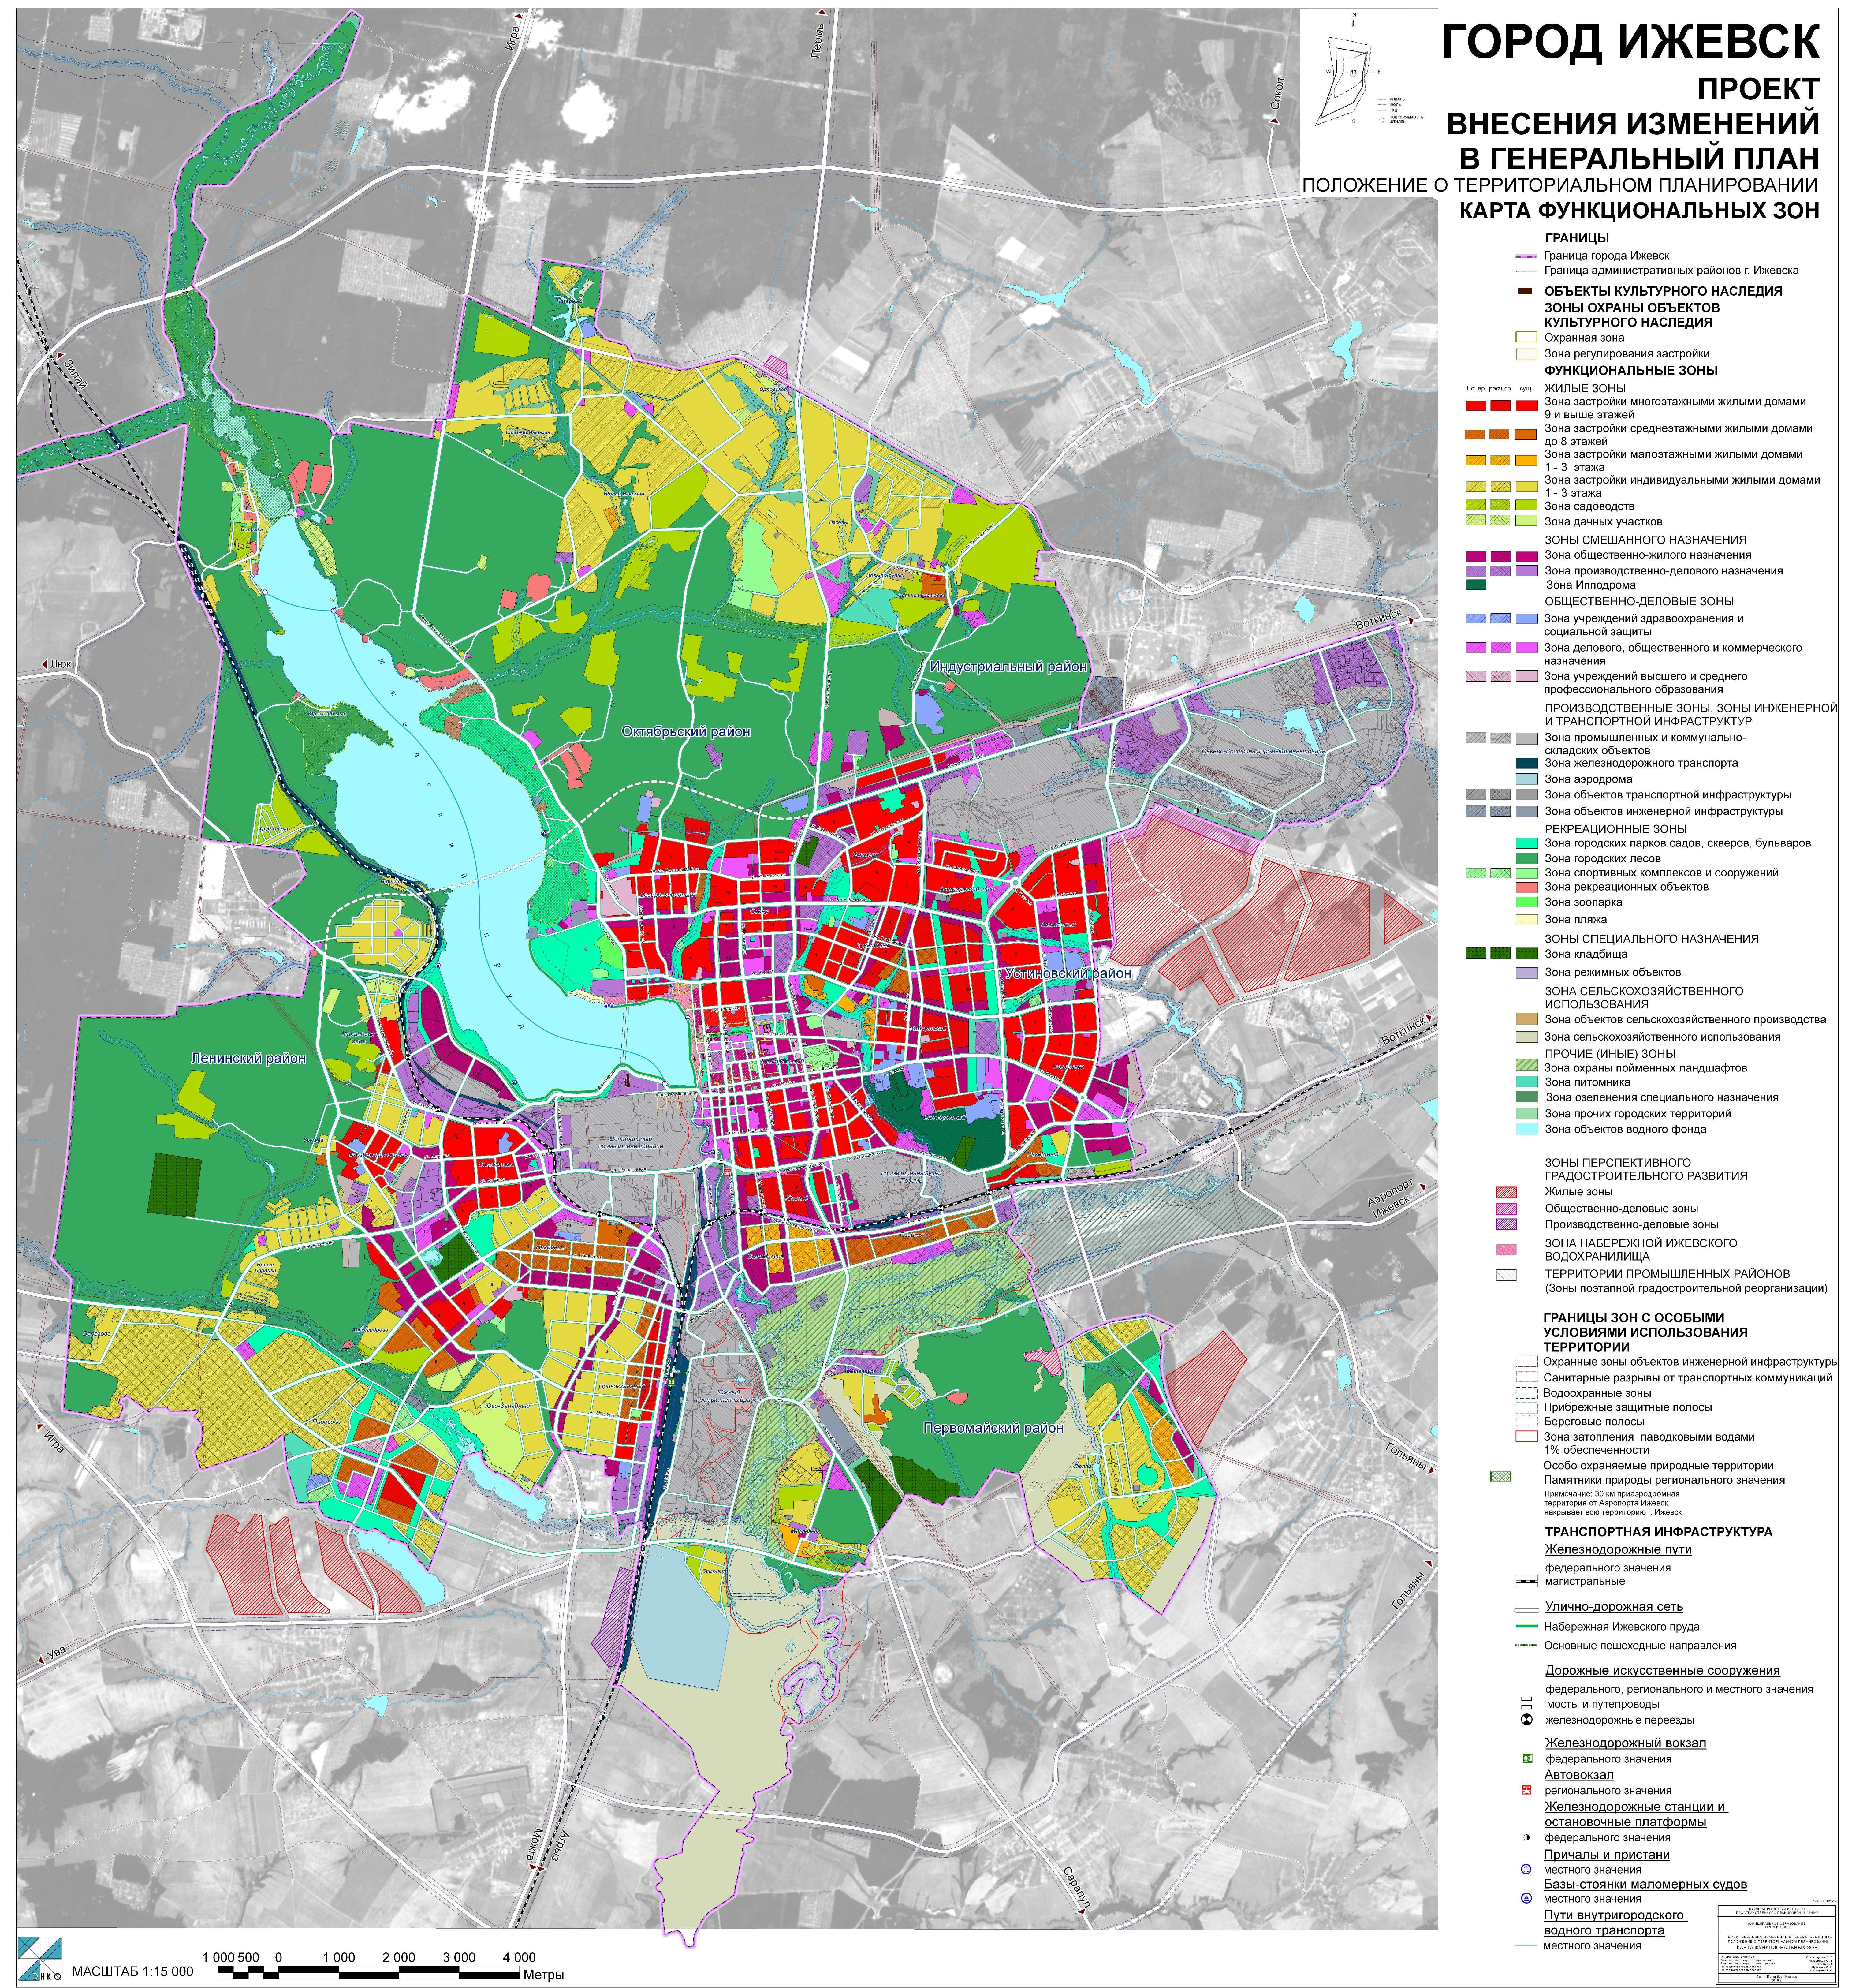 Строительные организации города Ижевск строительные организации в заславле беларуссия